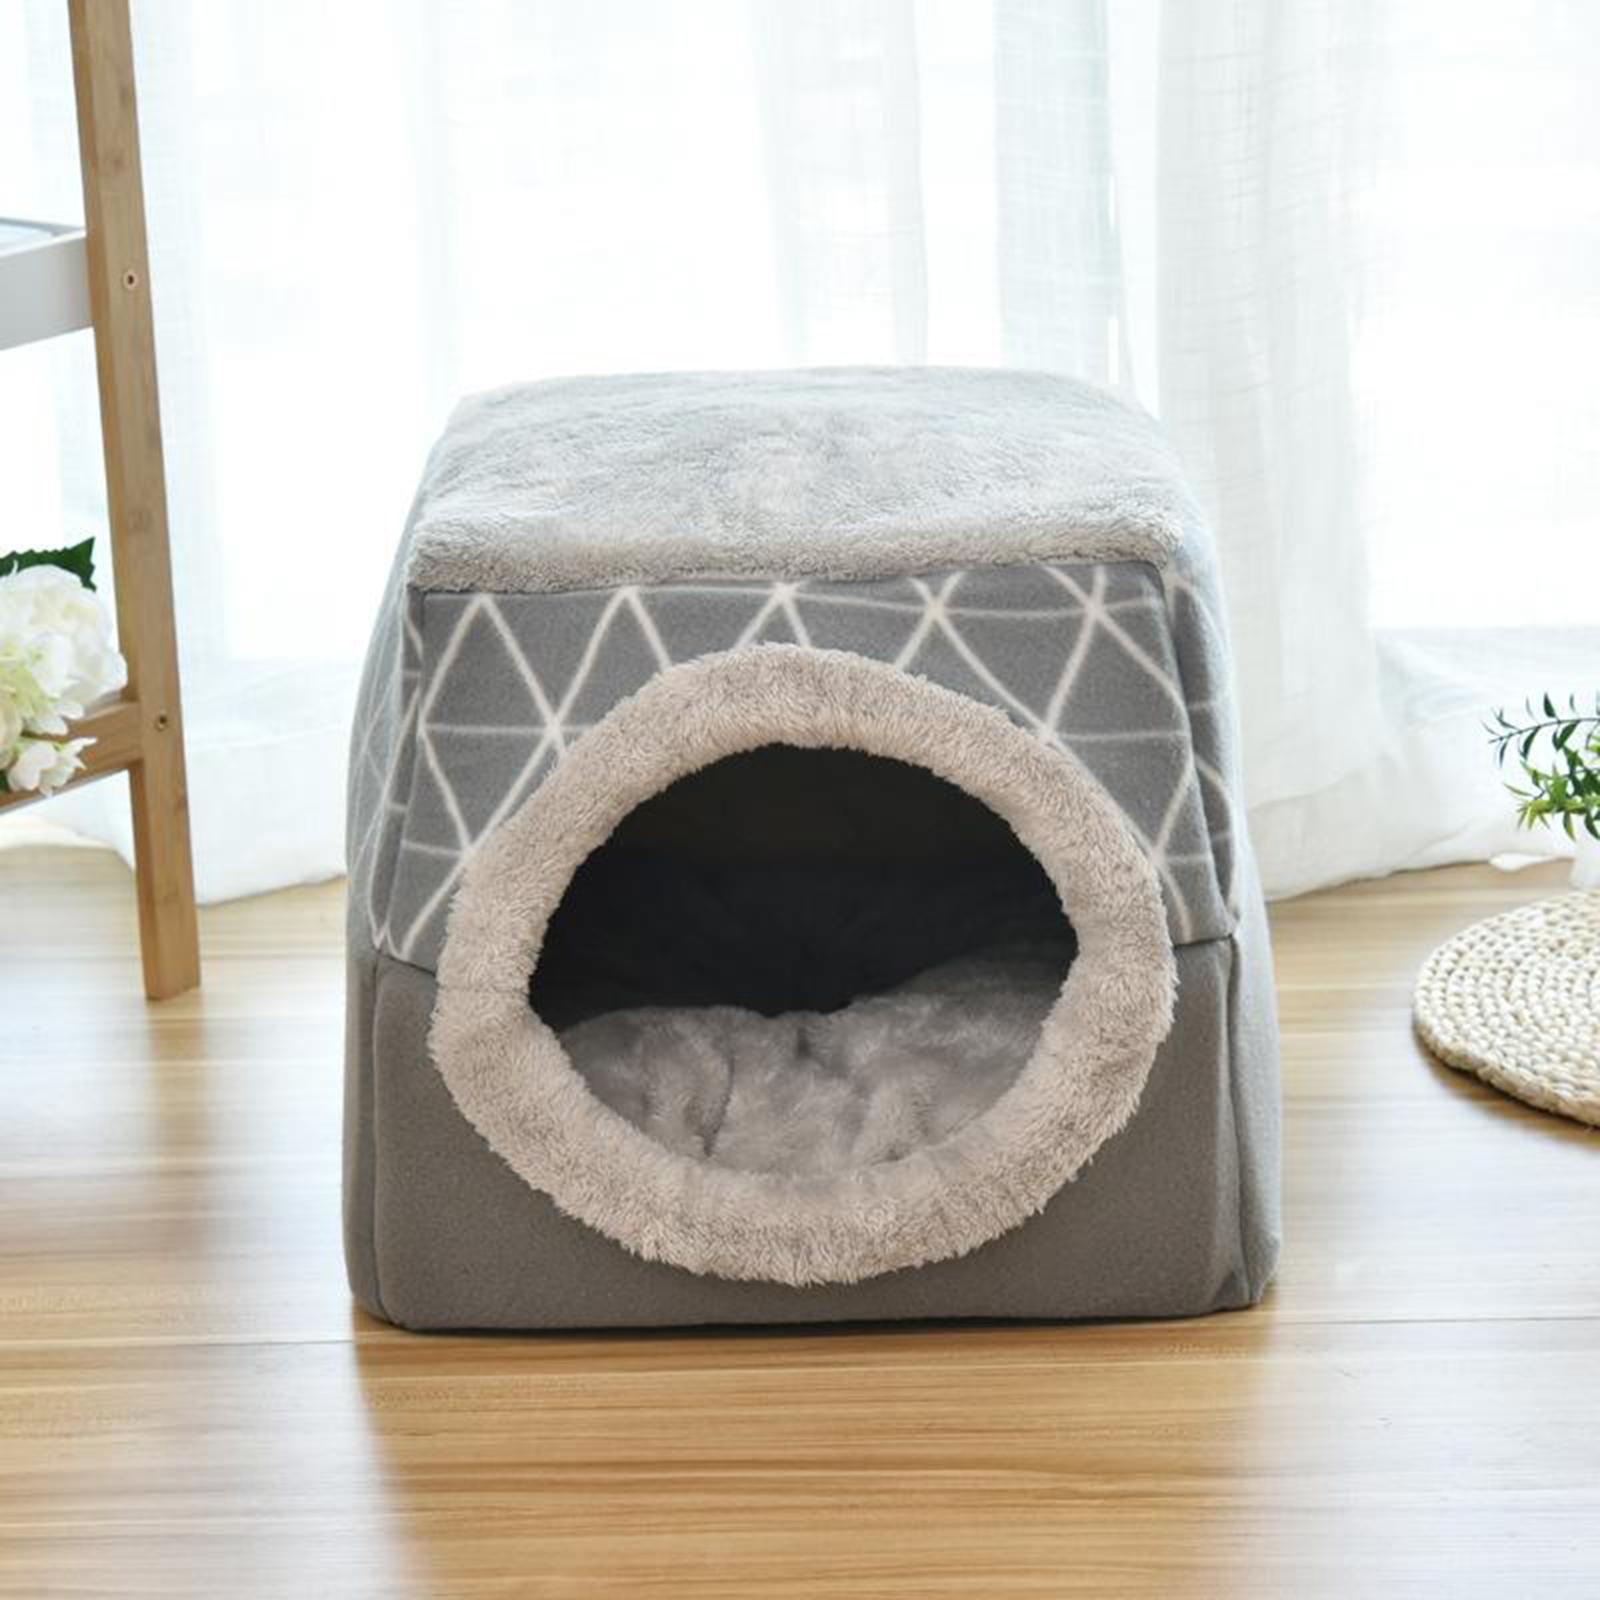 Indexbild 4 - 2-in-1-Weichen-Katzen-Haus-Schlafen-Bett-Zwinger-Puppy-Cave-Warme-Nest-Matte